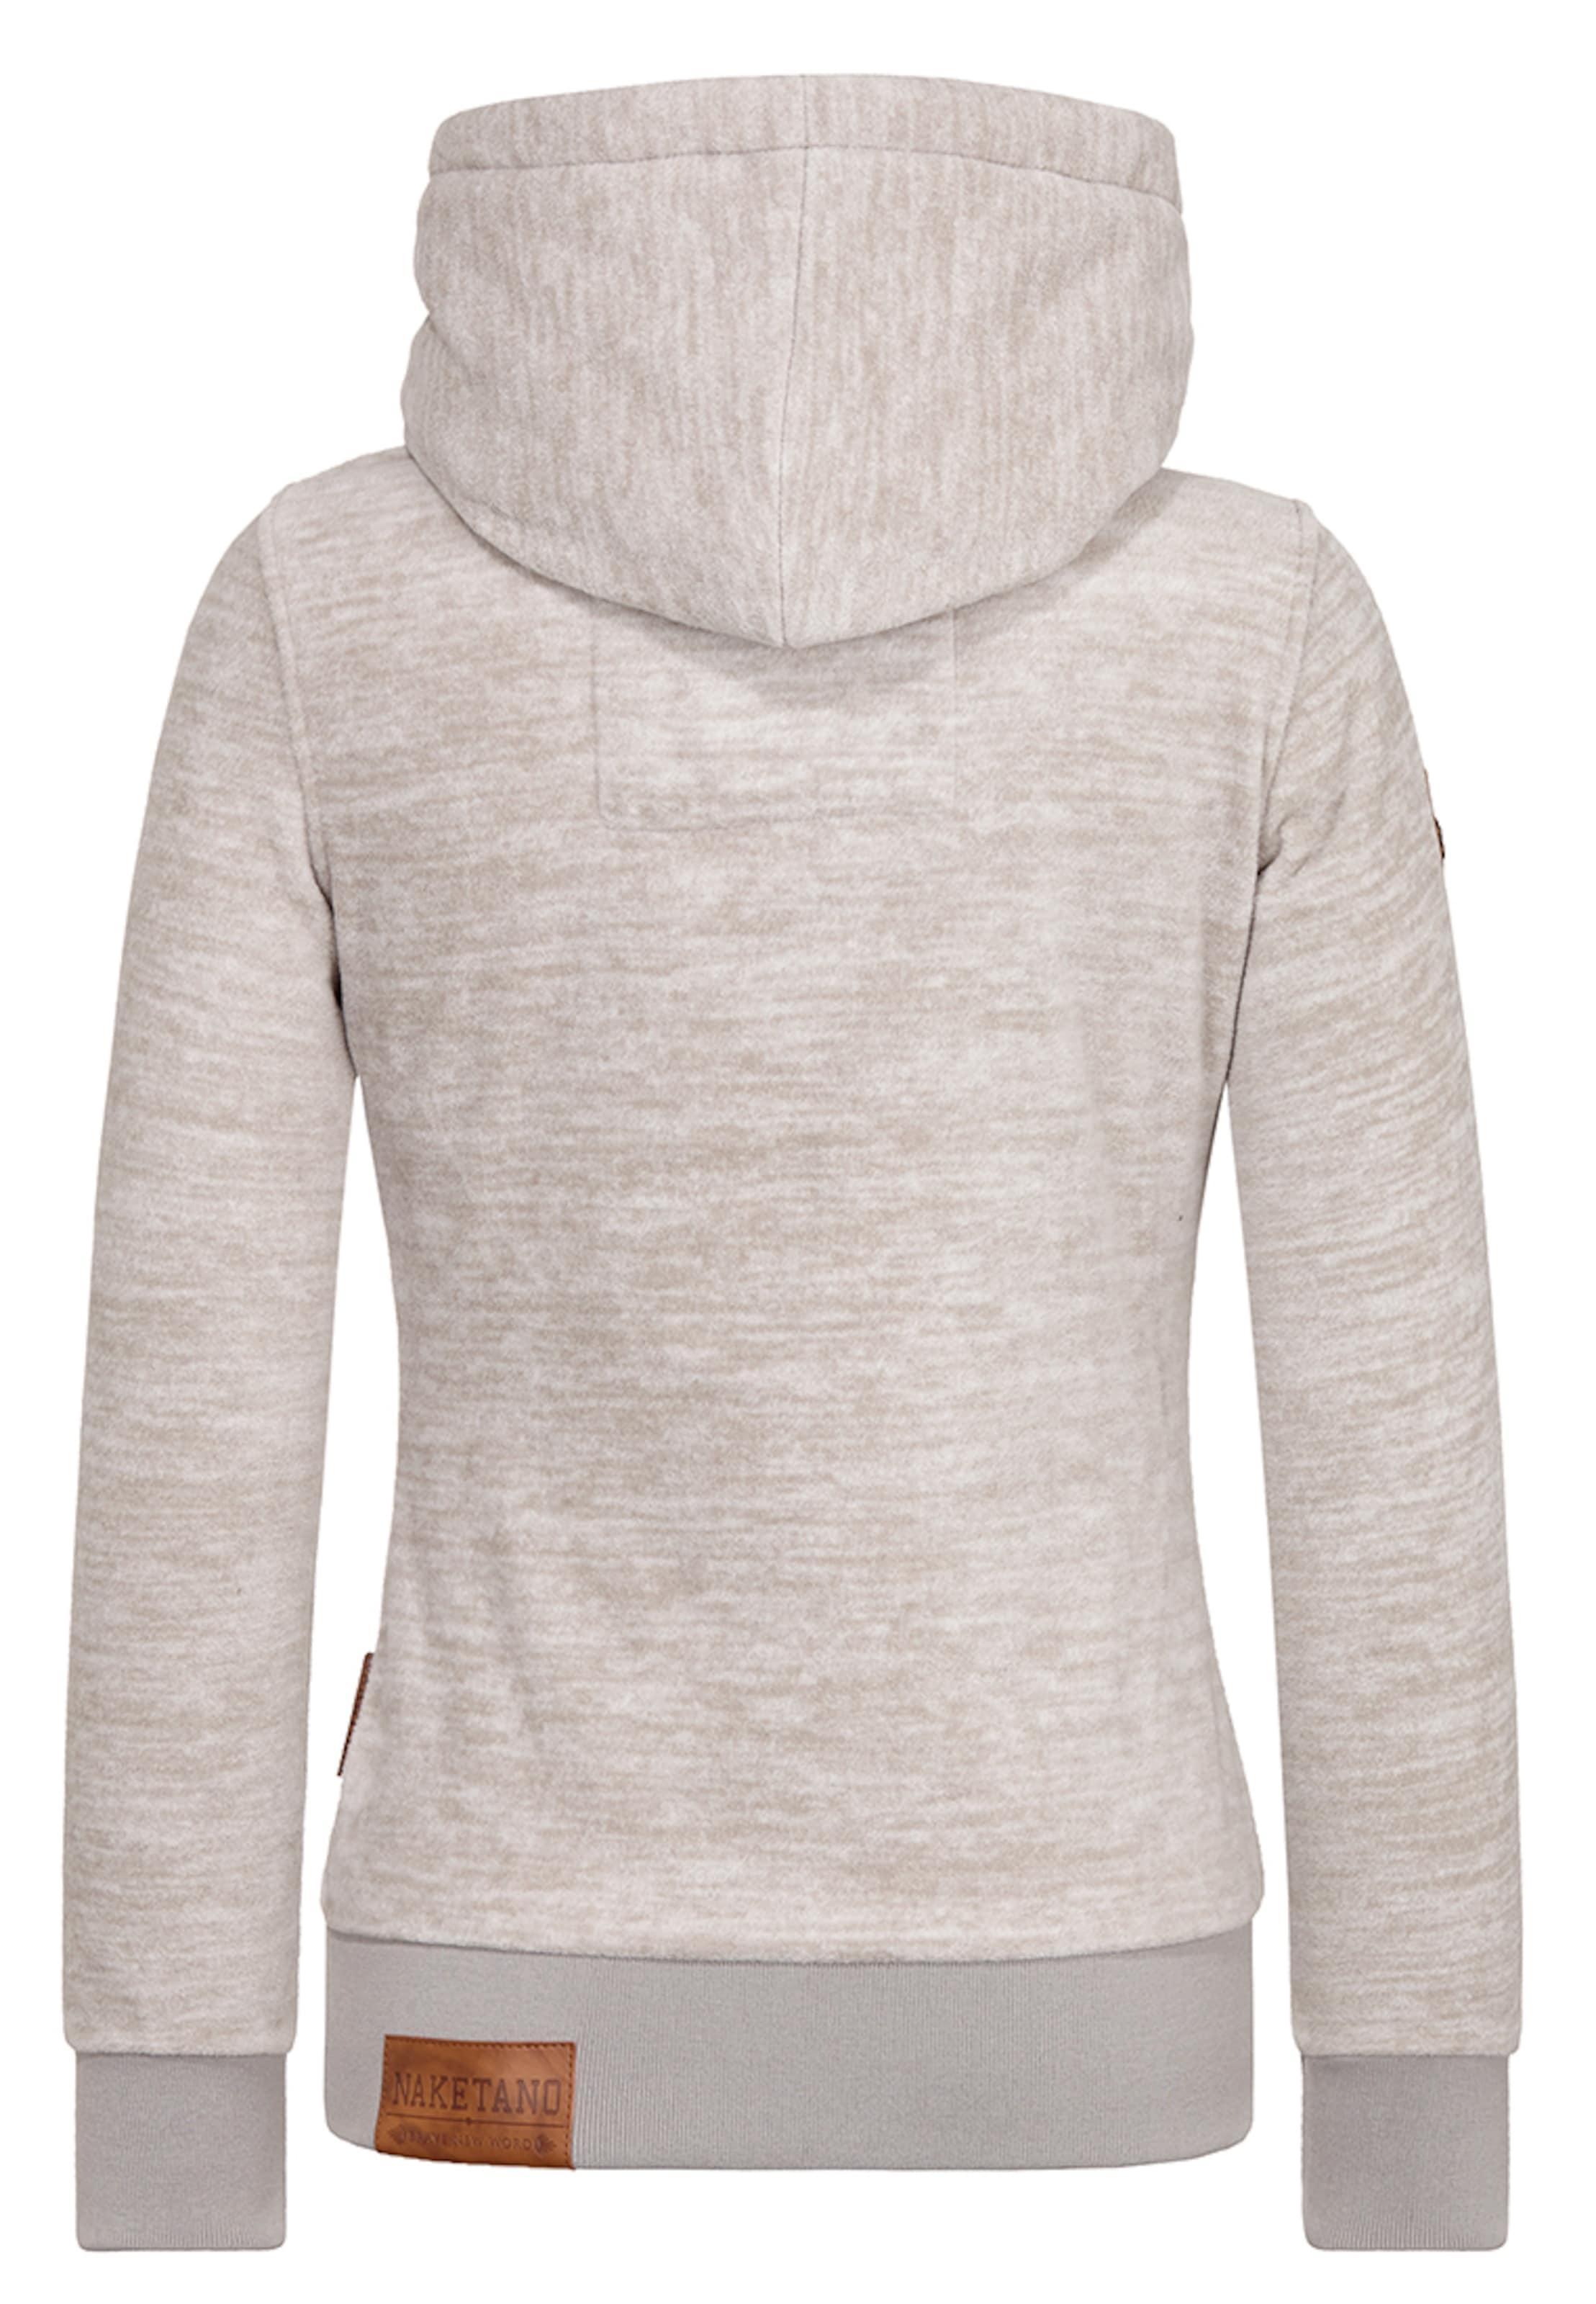 Verkauf Für Schön naketano Female Zipped Jacket Dreisisch Euro Swansisch Minut Spielraum Neueste Erstaunlicher Preis Verkauf Online tpBu6L04J